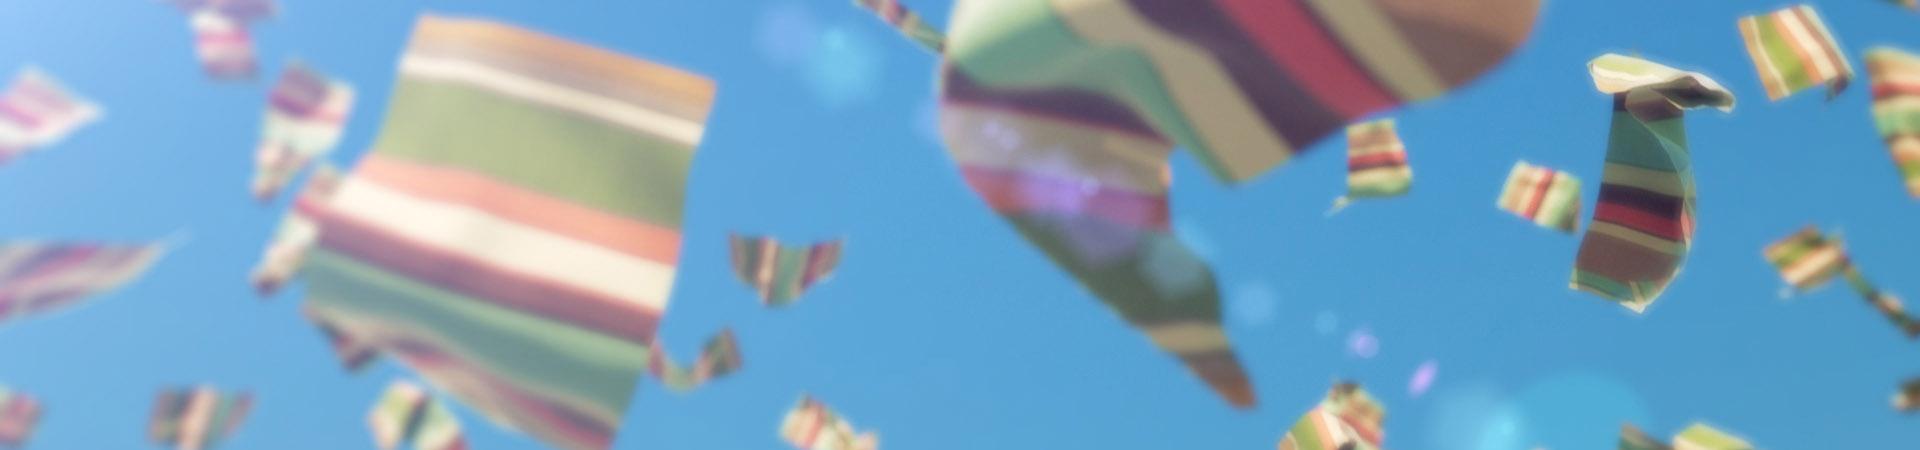 16-Flying-Paper-Final-0-00-03-22-0-00-00-00-slider